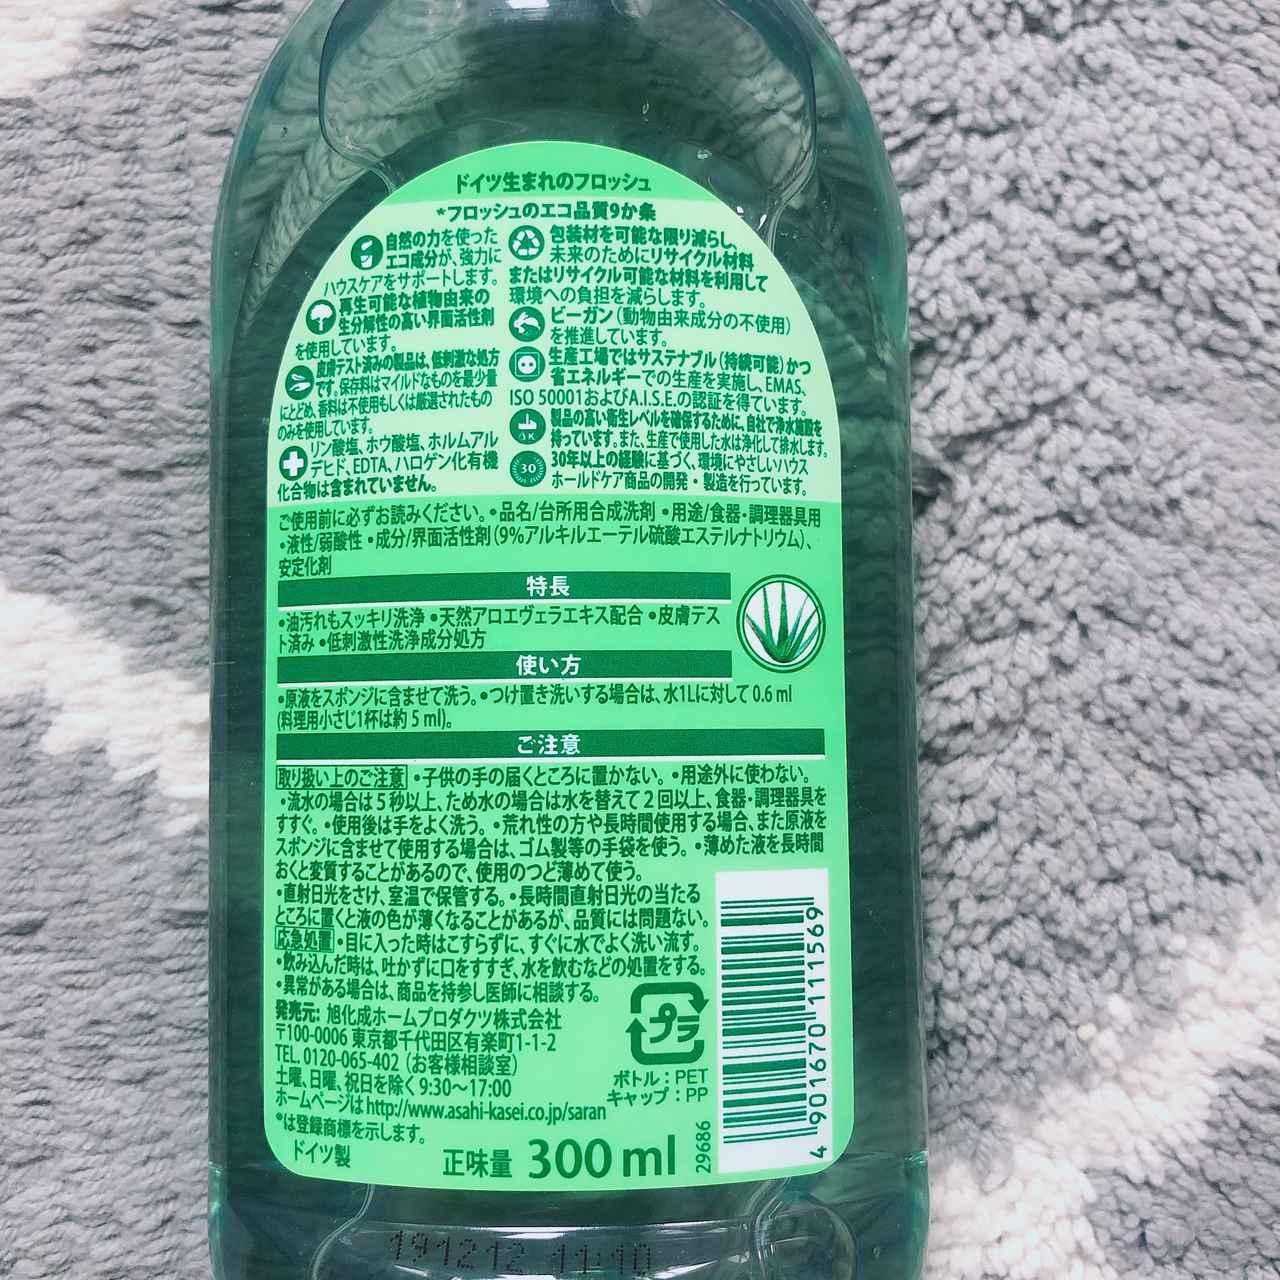 画像2: リピ5年以上!300円以下のプチプラ食器洗剤が実はすごいブランドだった件